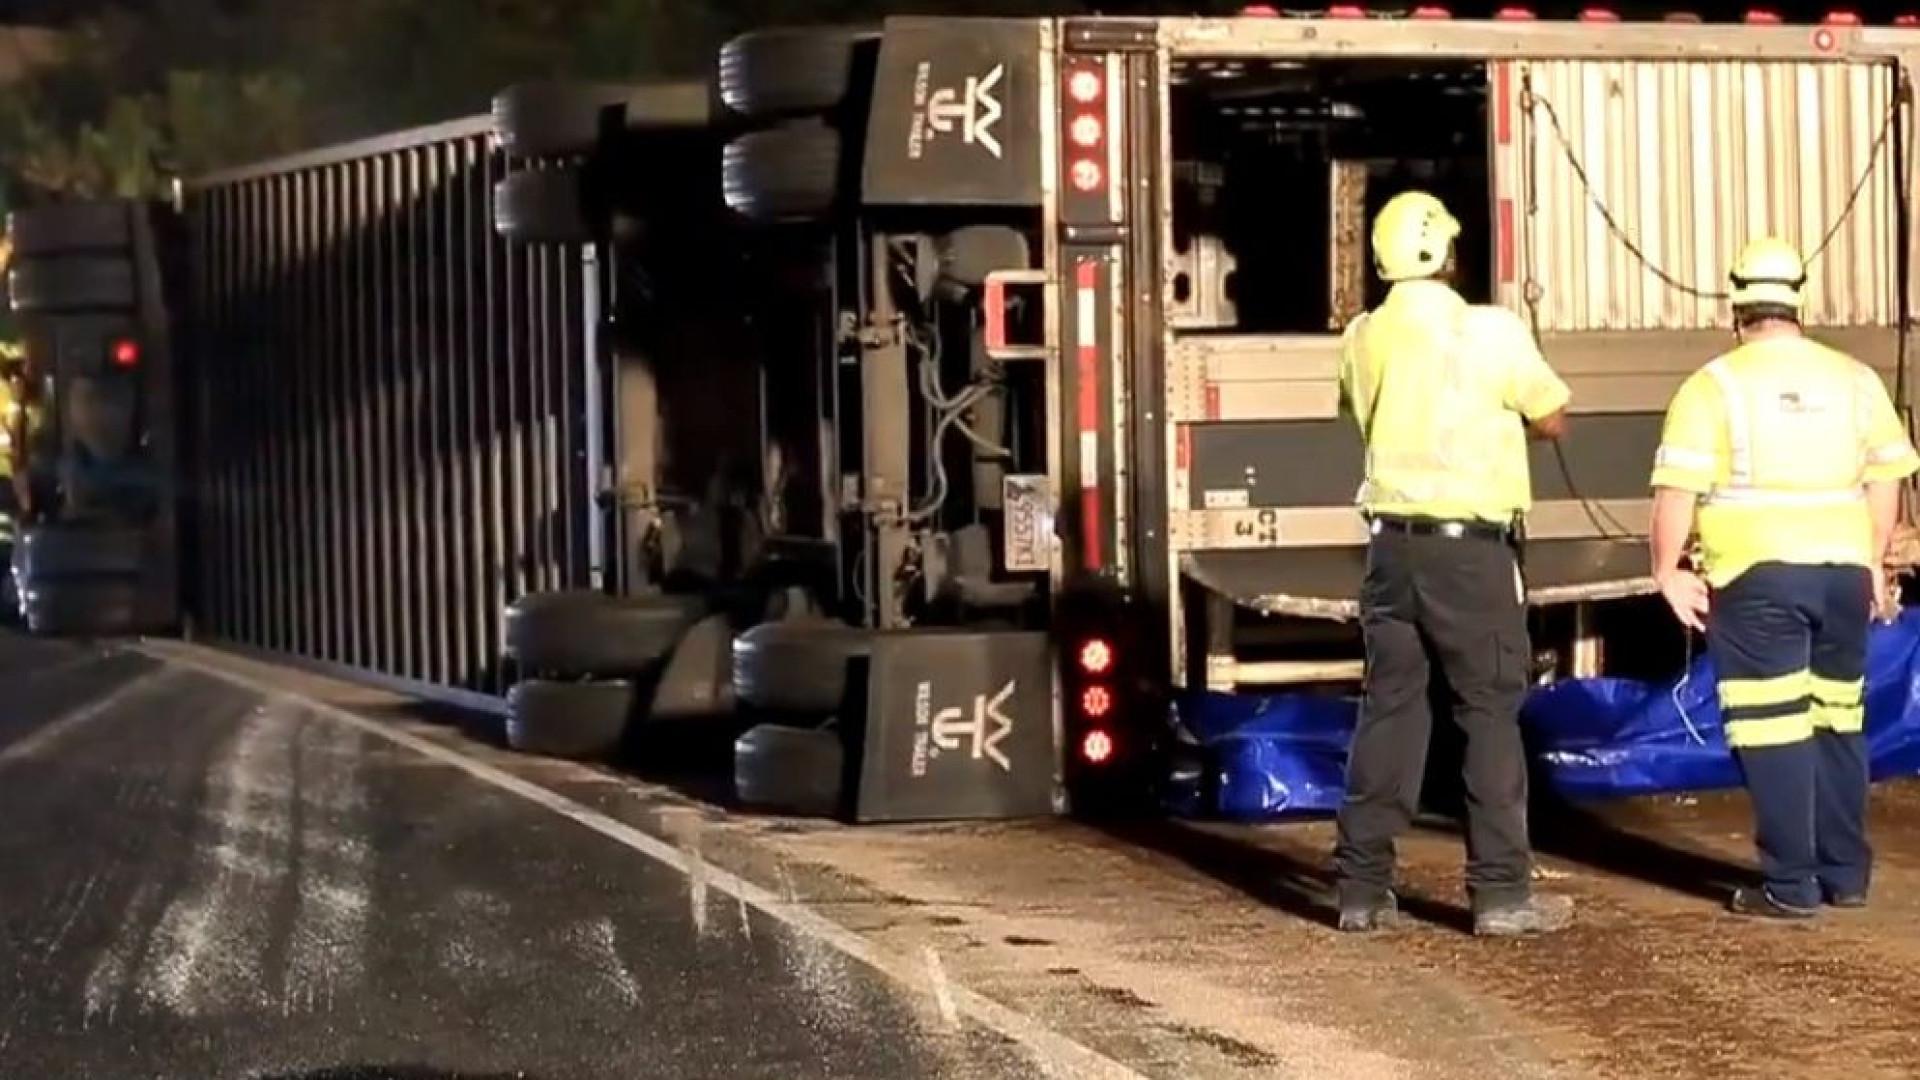 Dezenas de vacas à solta em autoestrada nos EUA após acidente